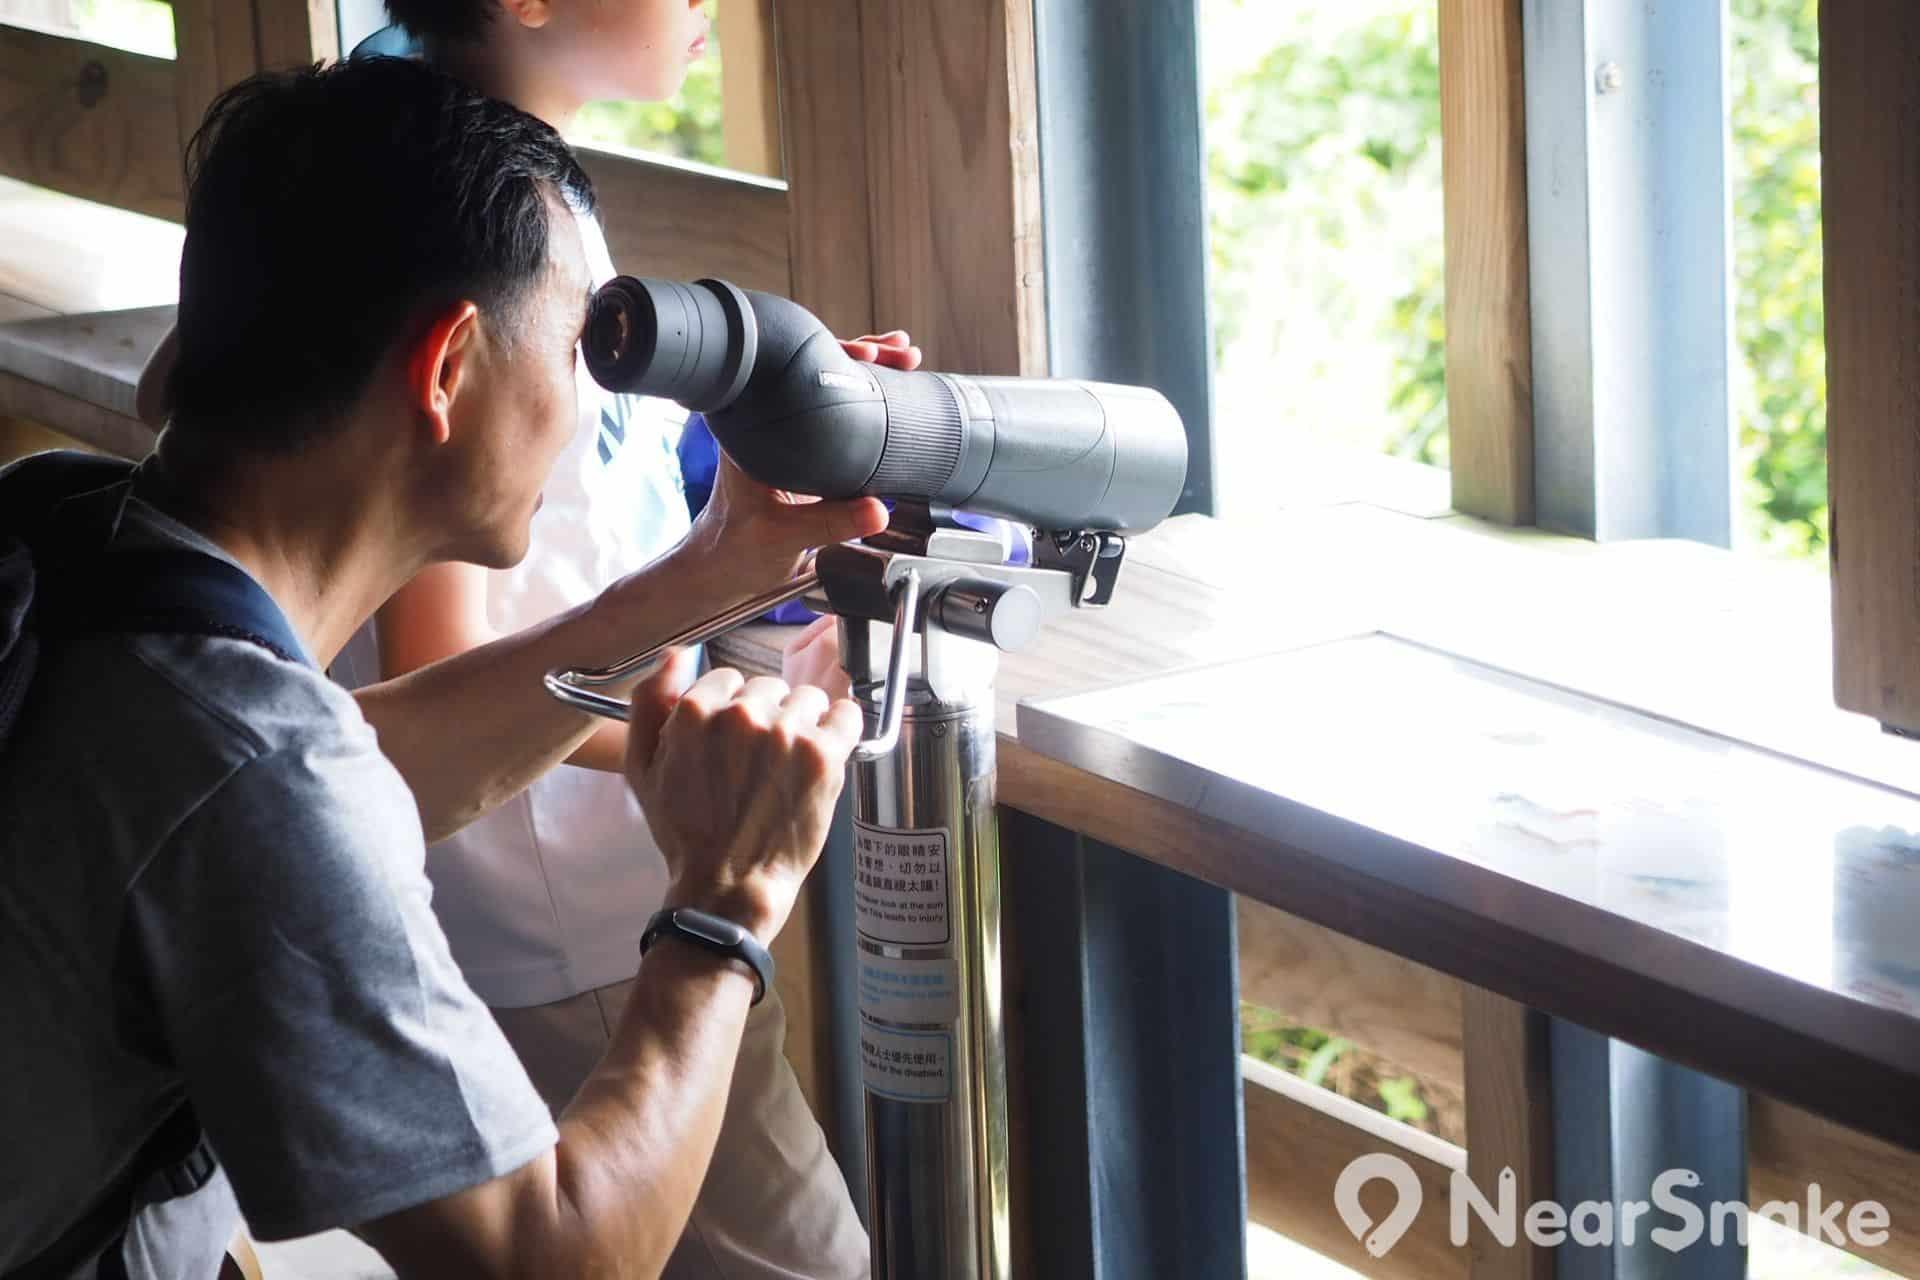 觀鳥屋提供單筒望遠鏡予公眾使用,遊人可通過望遠鏡觀察遠處的雀鳥。